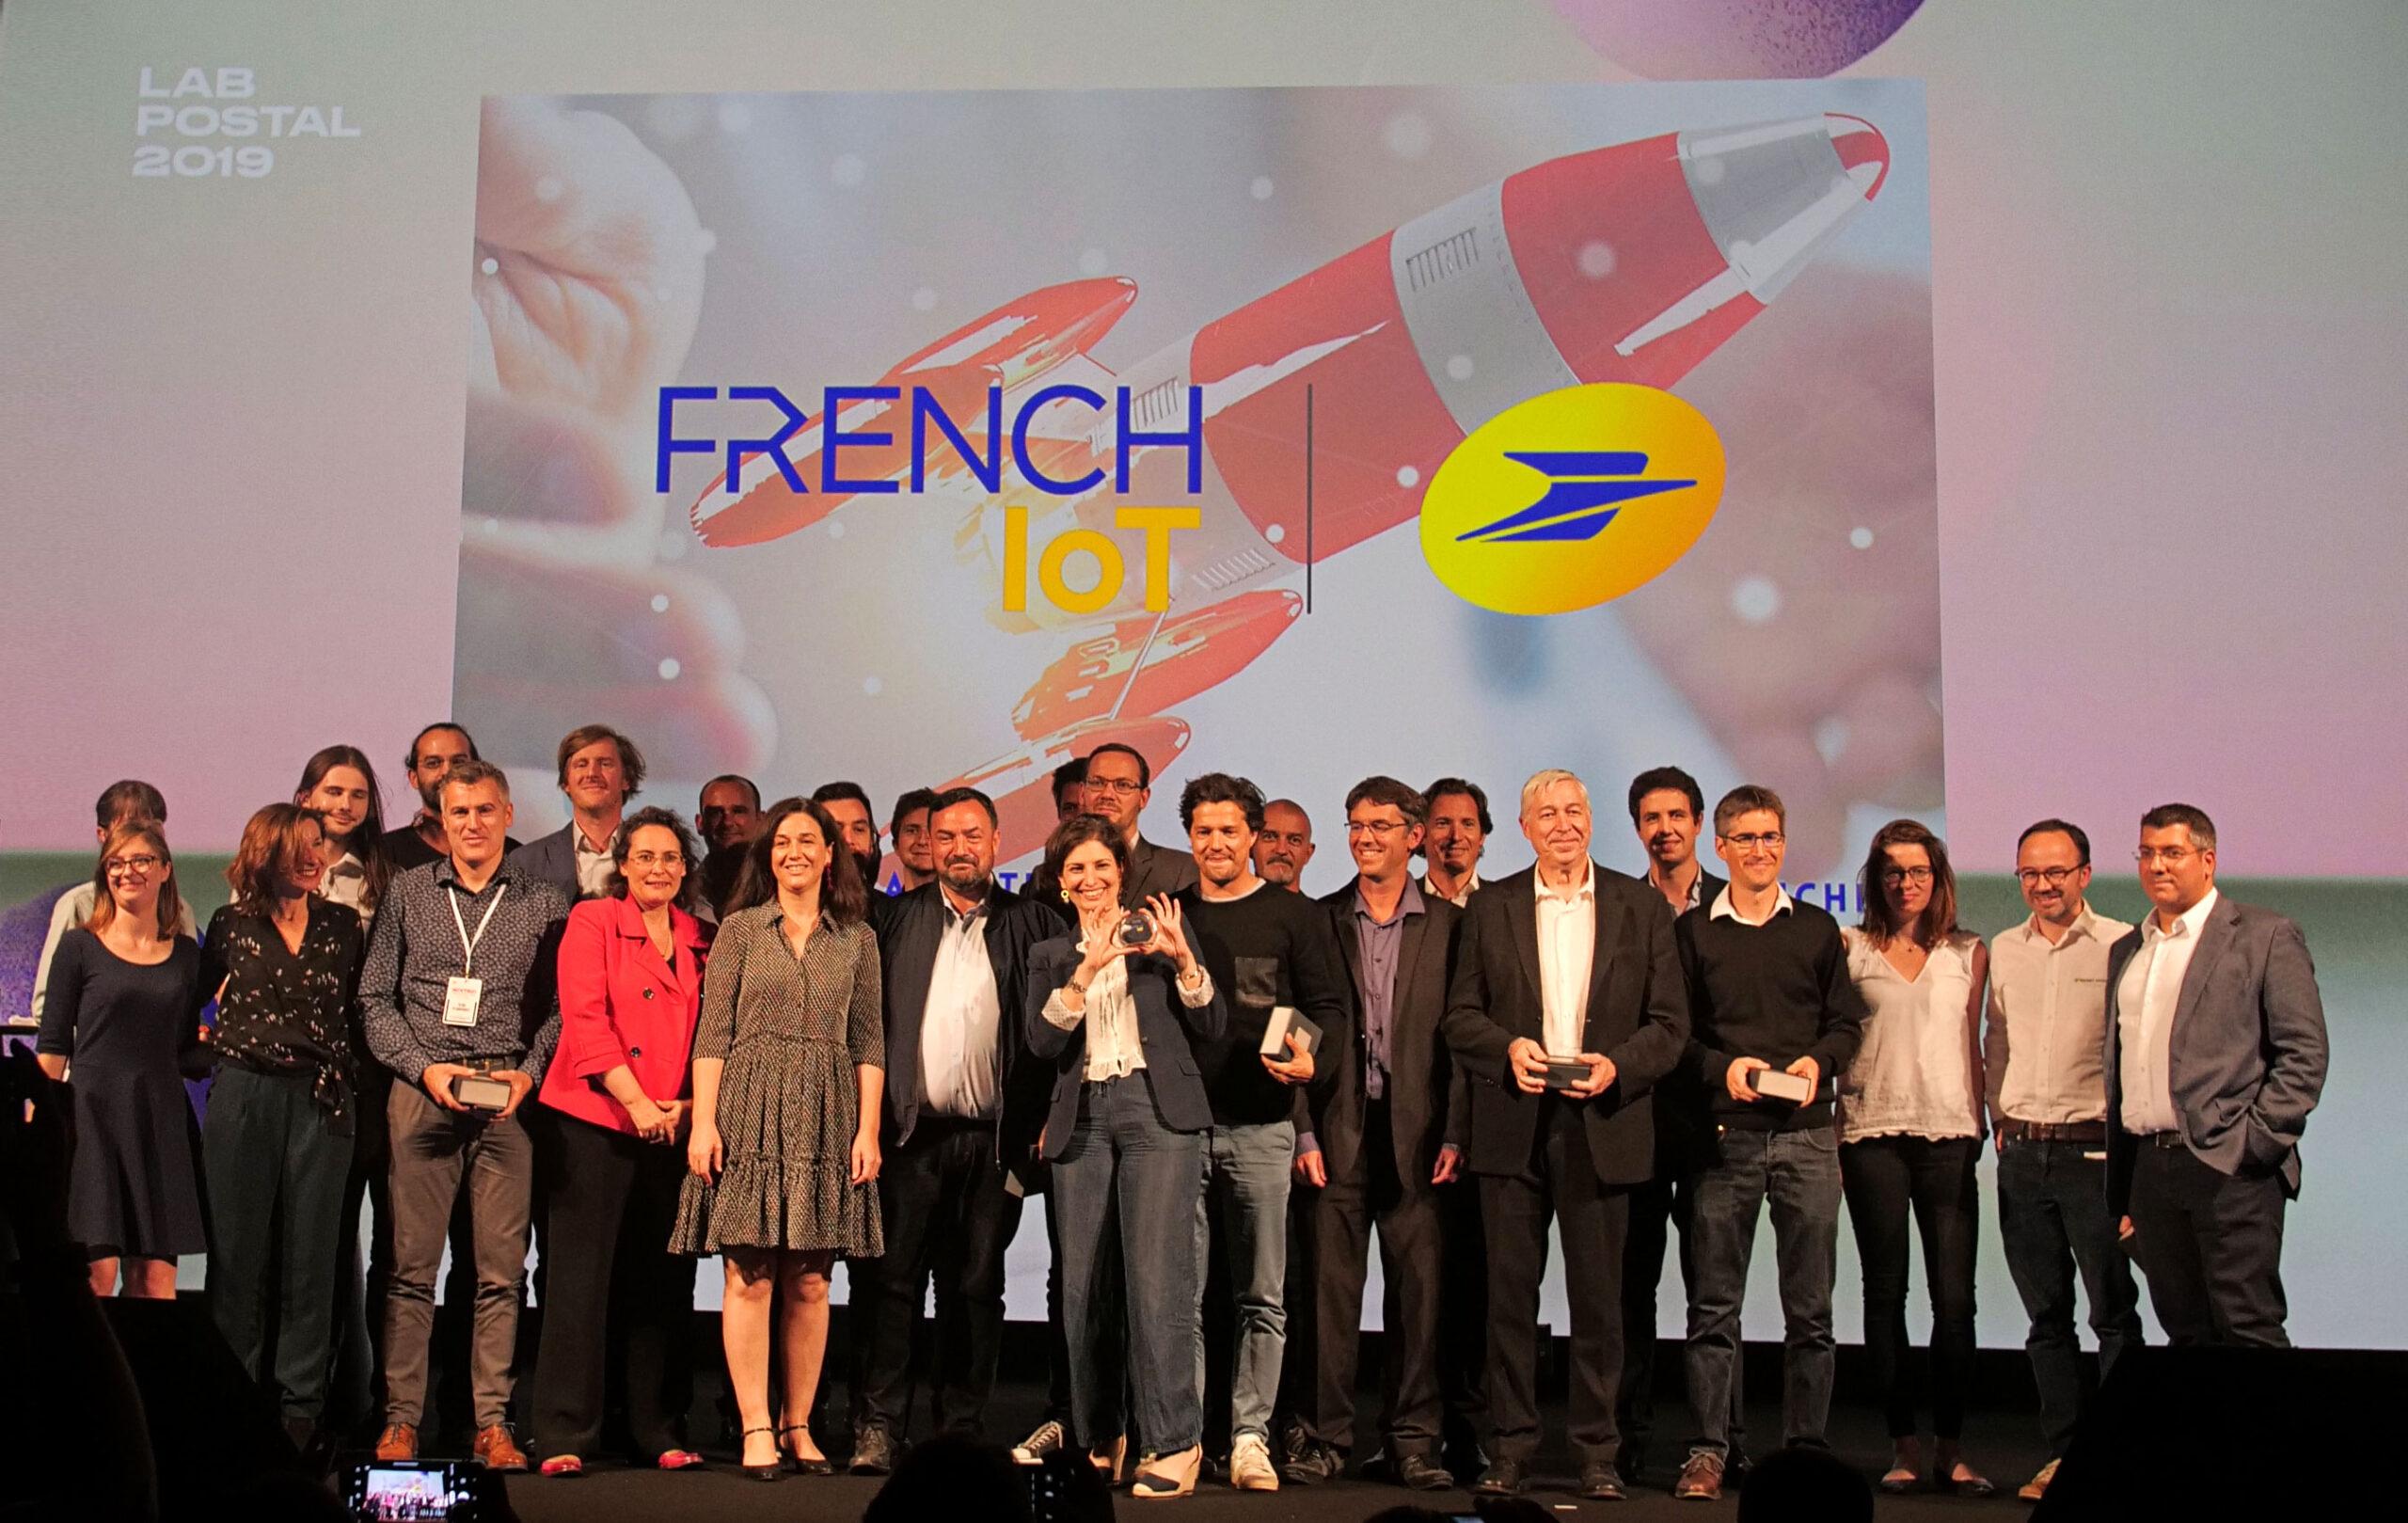 French IoT 2019: les 15 lauréats révélés